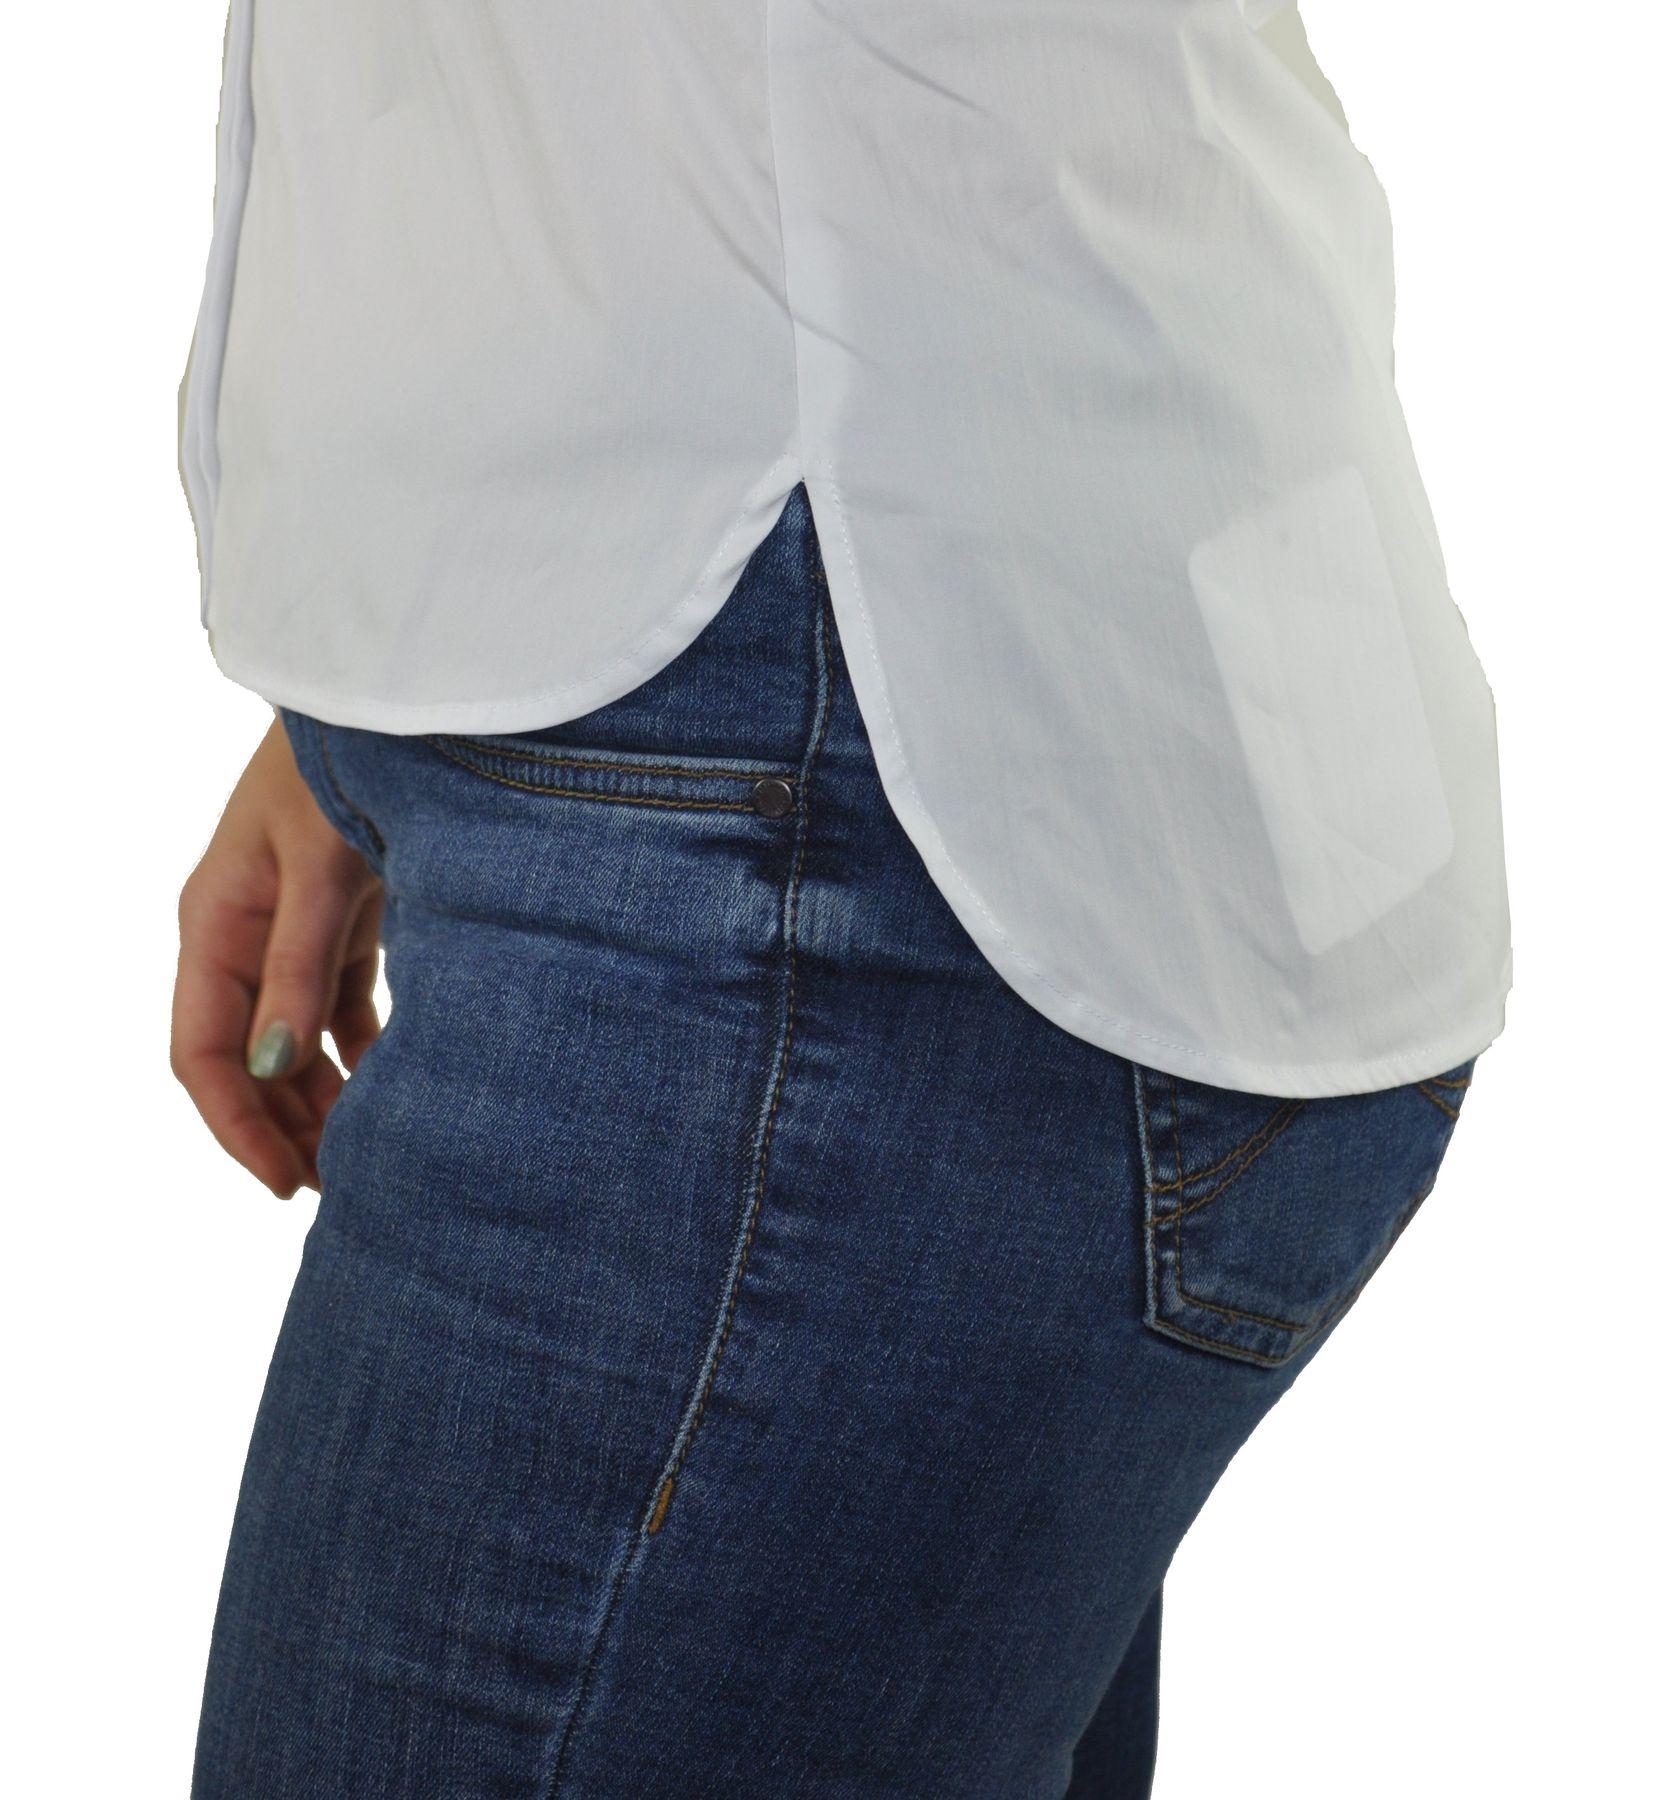 Seidensticker - Damen Bluse ohne Arm in Weiß (60.123507) – Bild 4